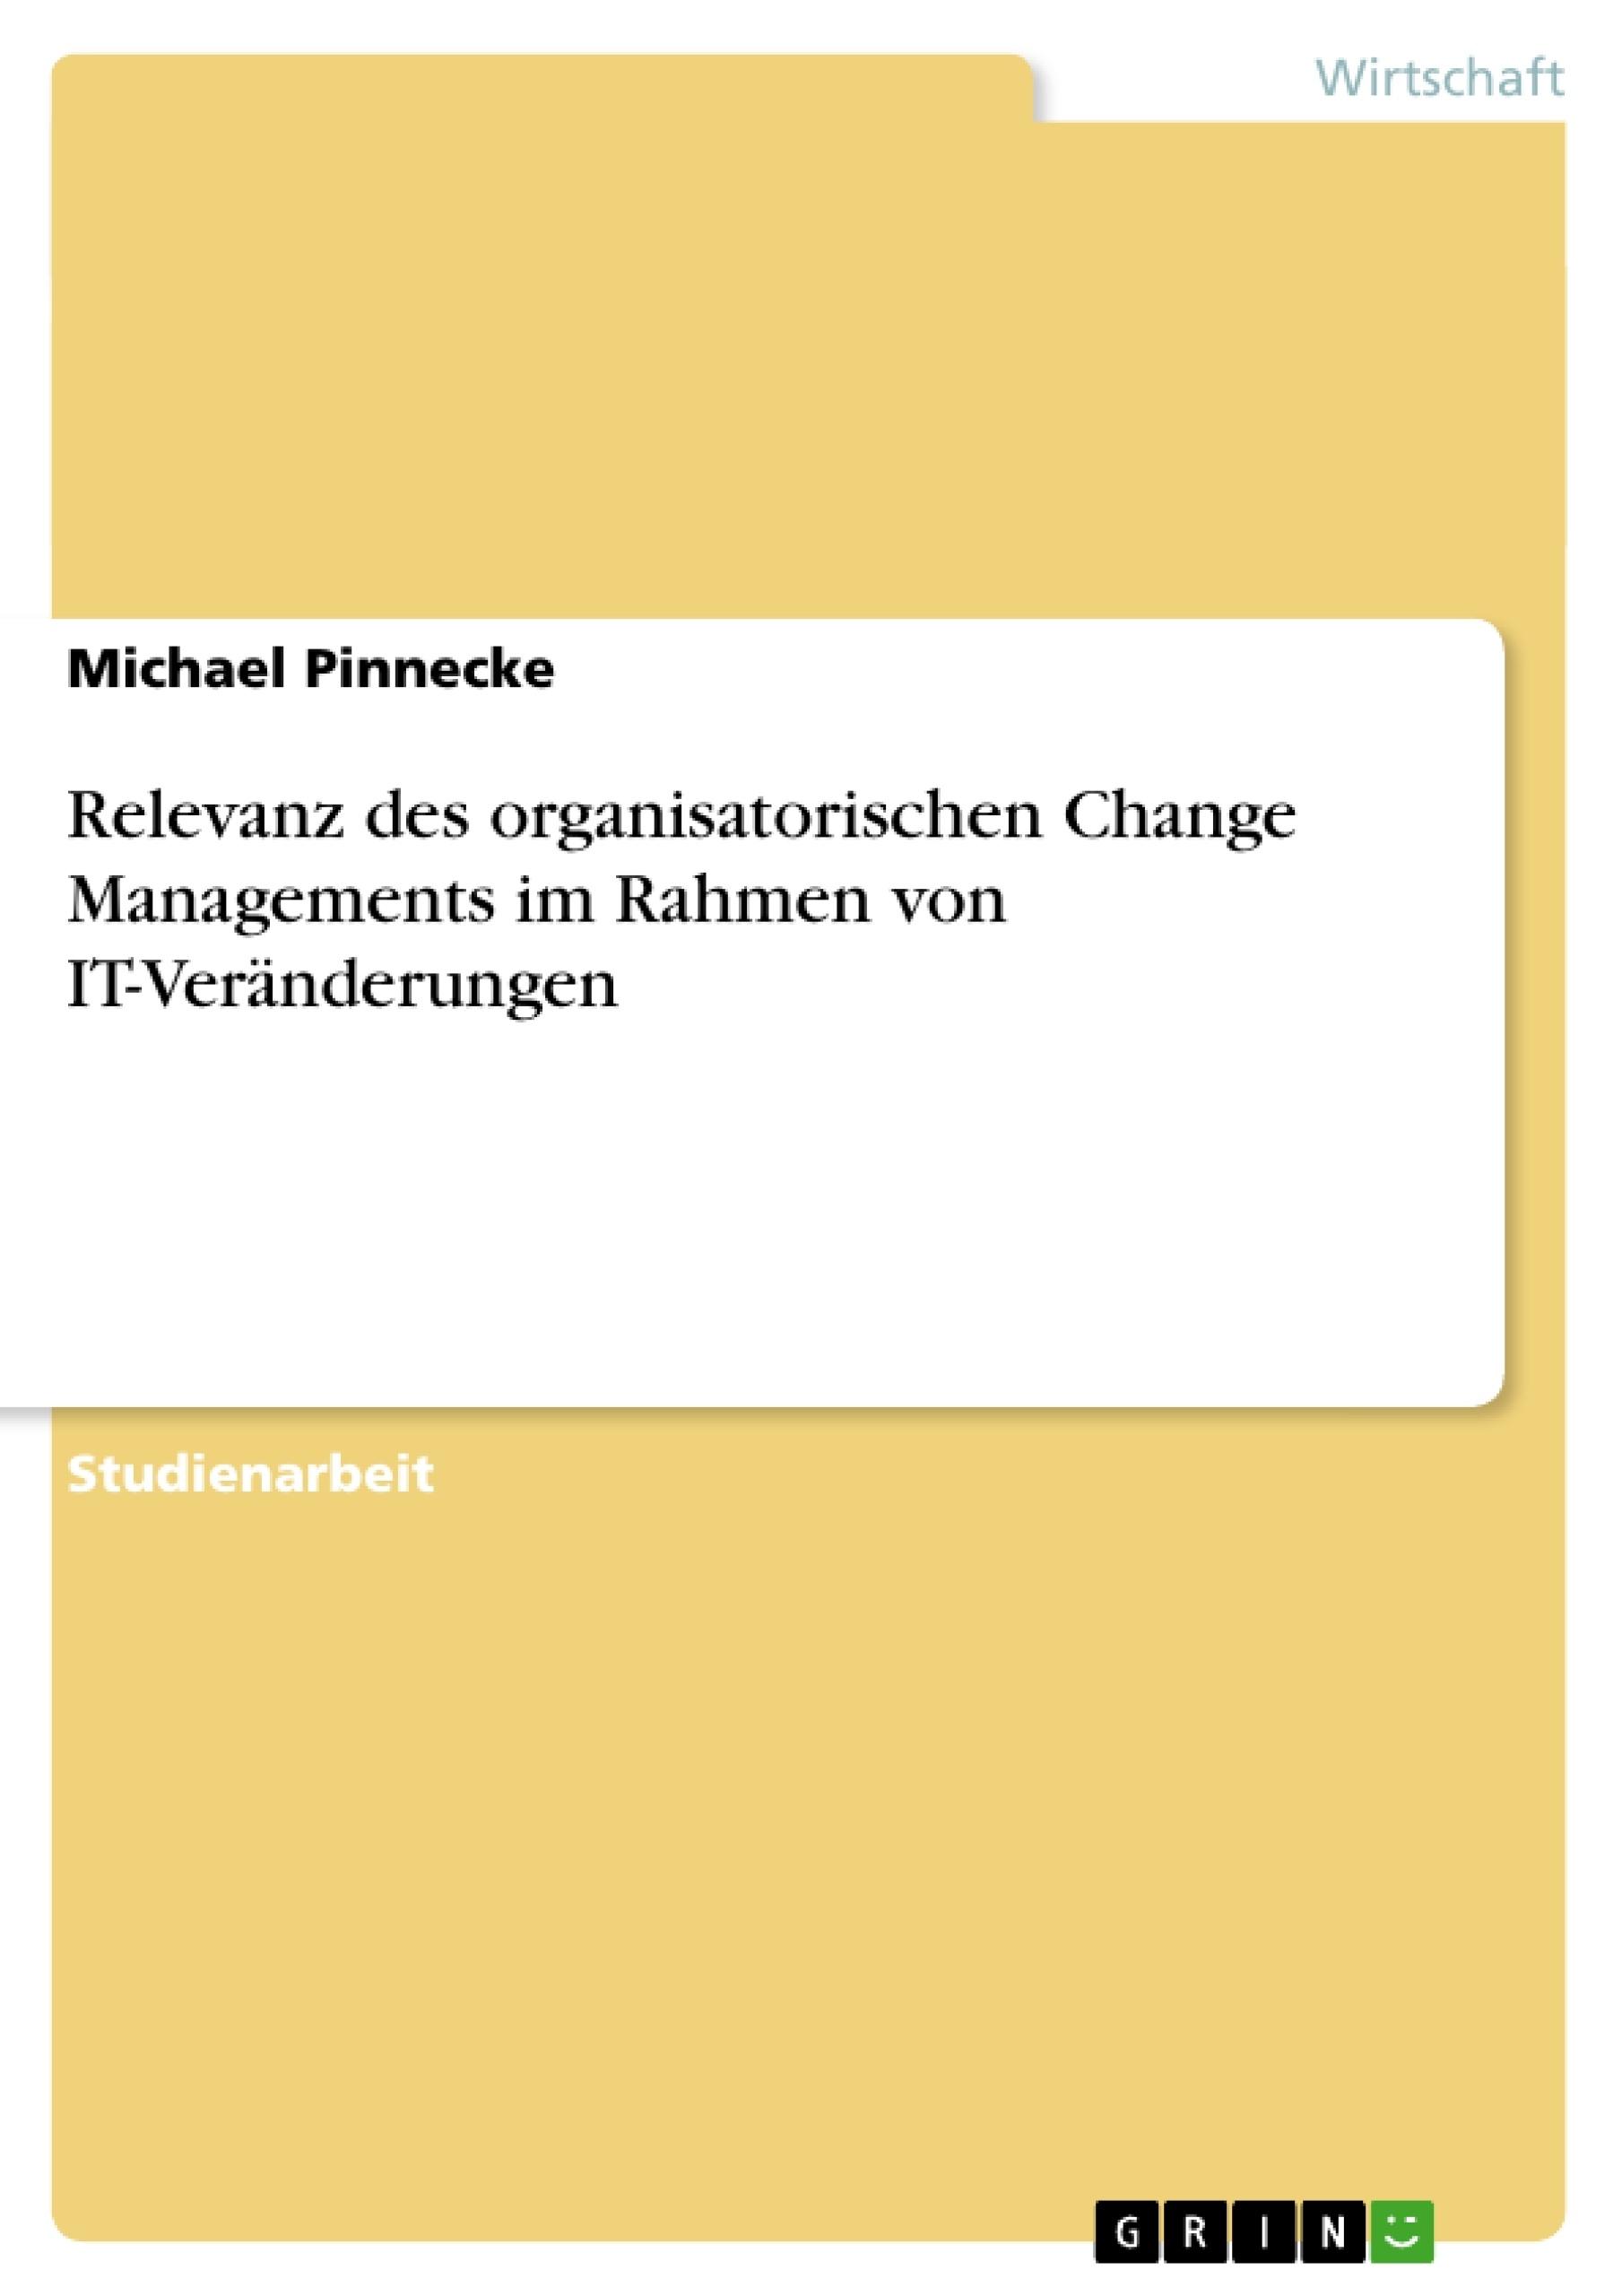 Titel: Relevanz des organisatorischen Change Managements im Rahmen von IT-Veränderungen